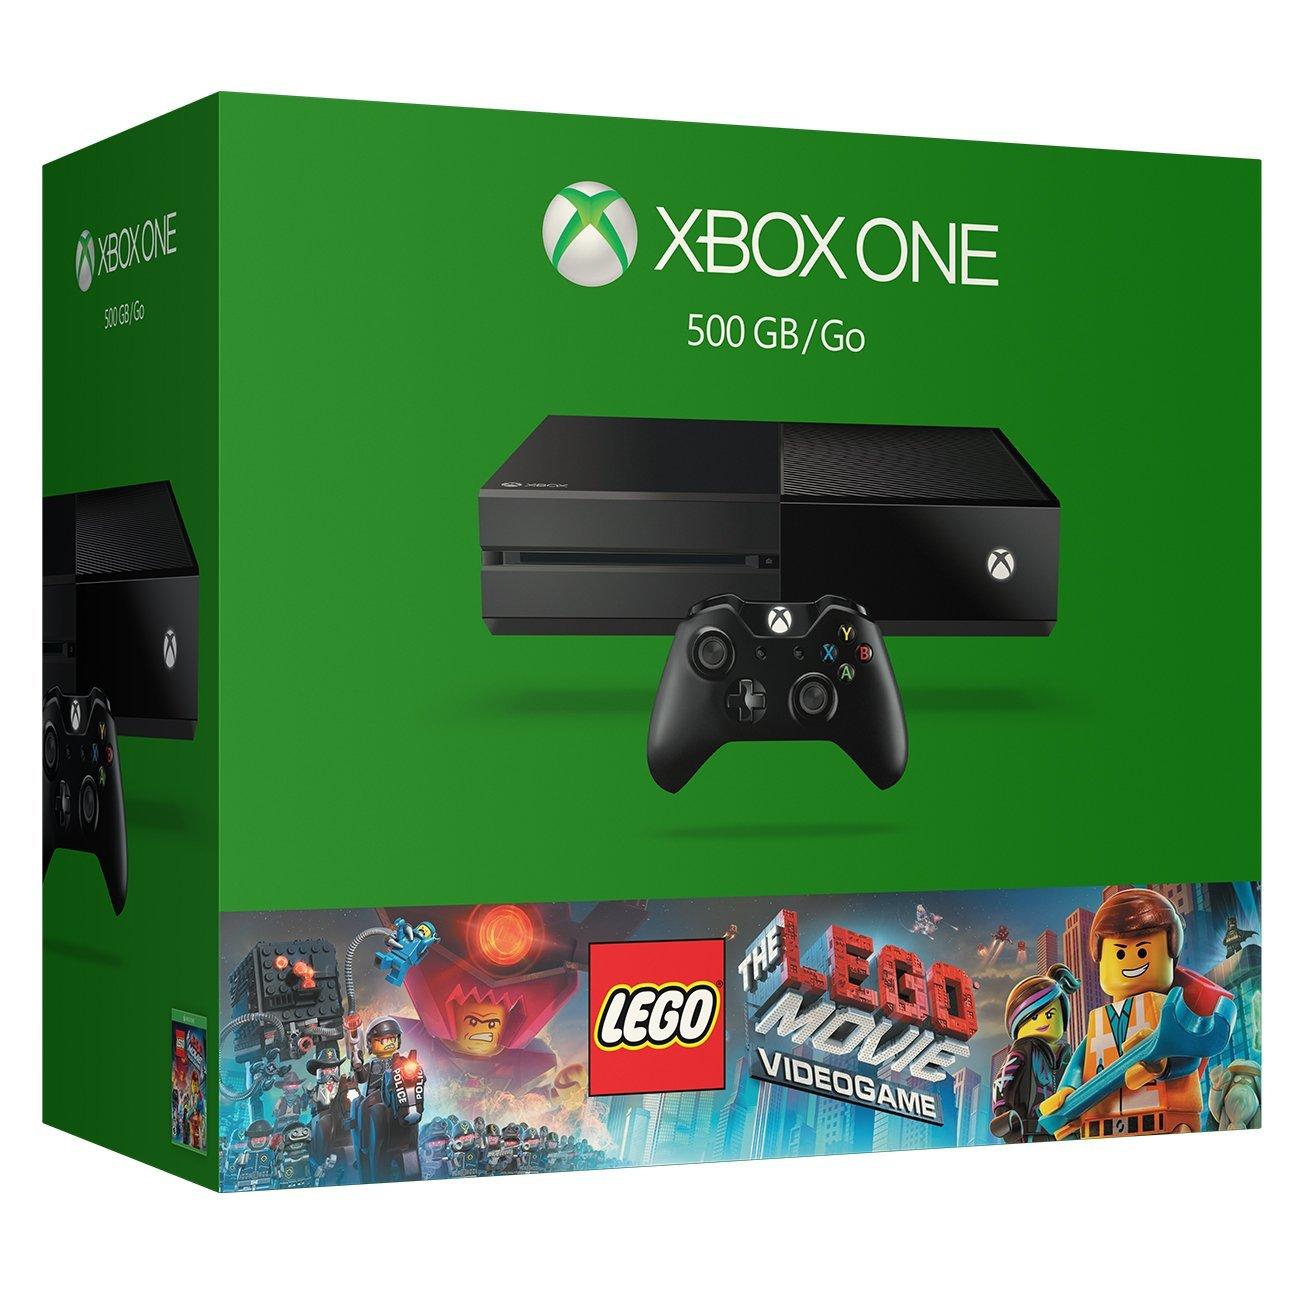 Xbox One Bundle LEGO Videogame